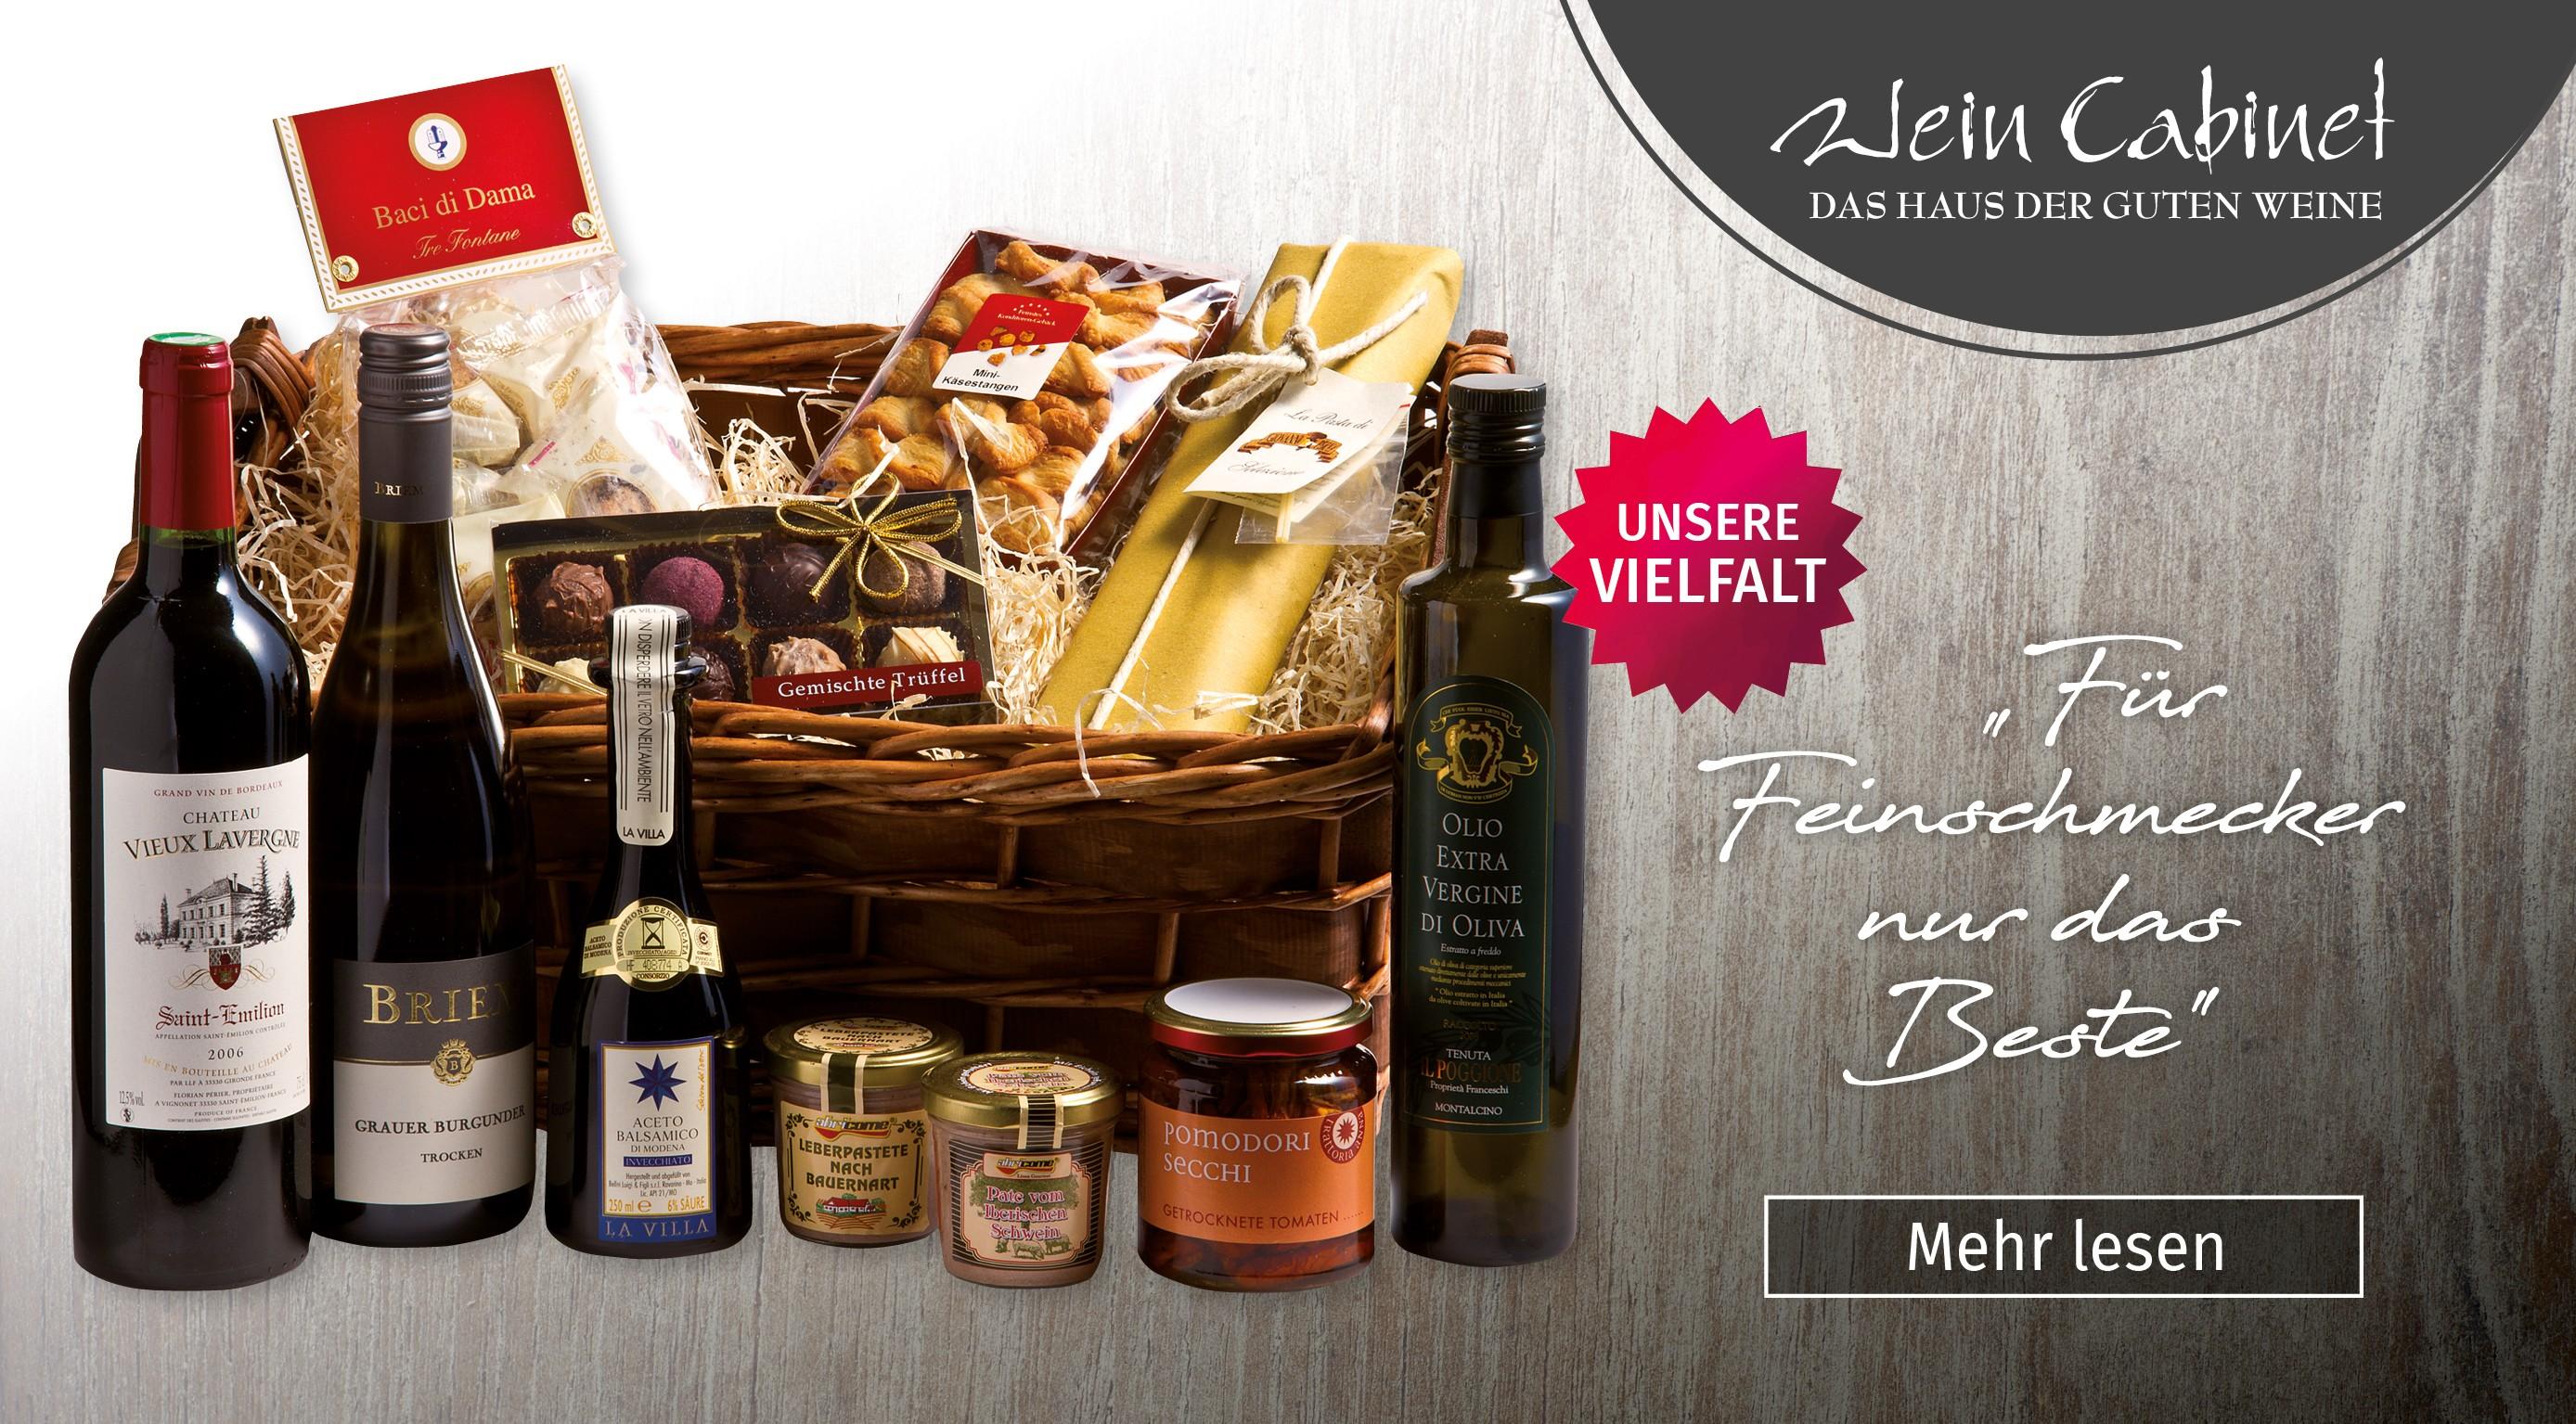 Wein Cabinet Briem, Wachtberg, Geschenkideen Wachtberg, Weinpräsente, Weingeschenke